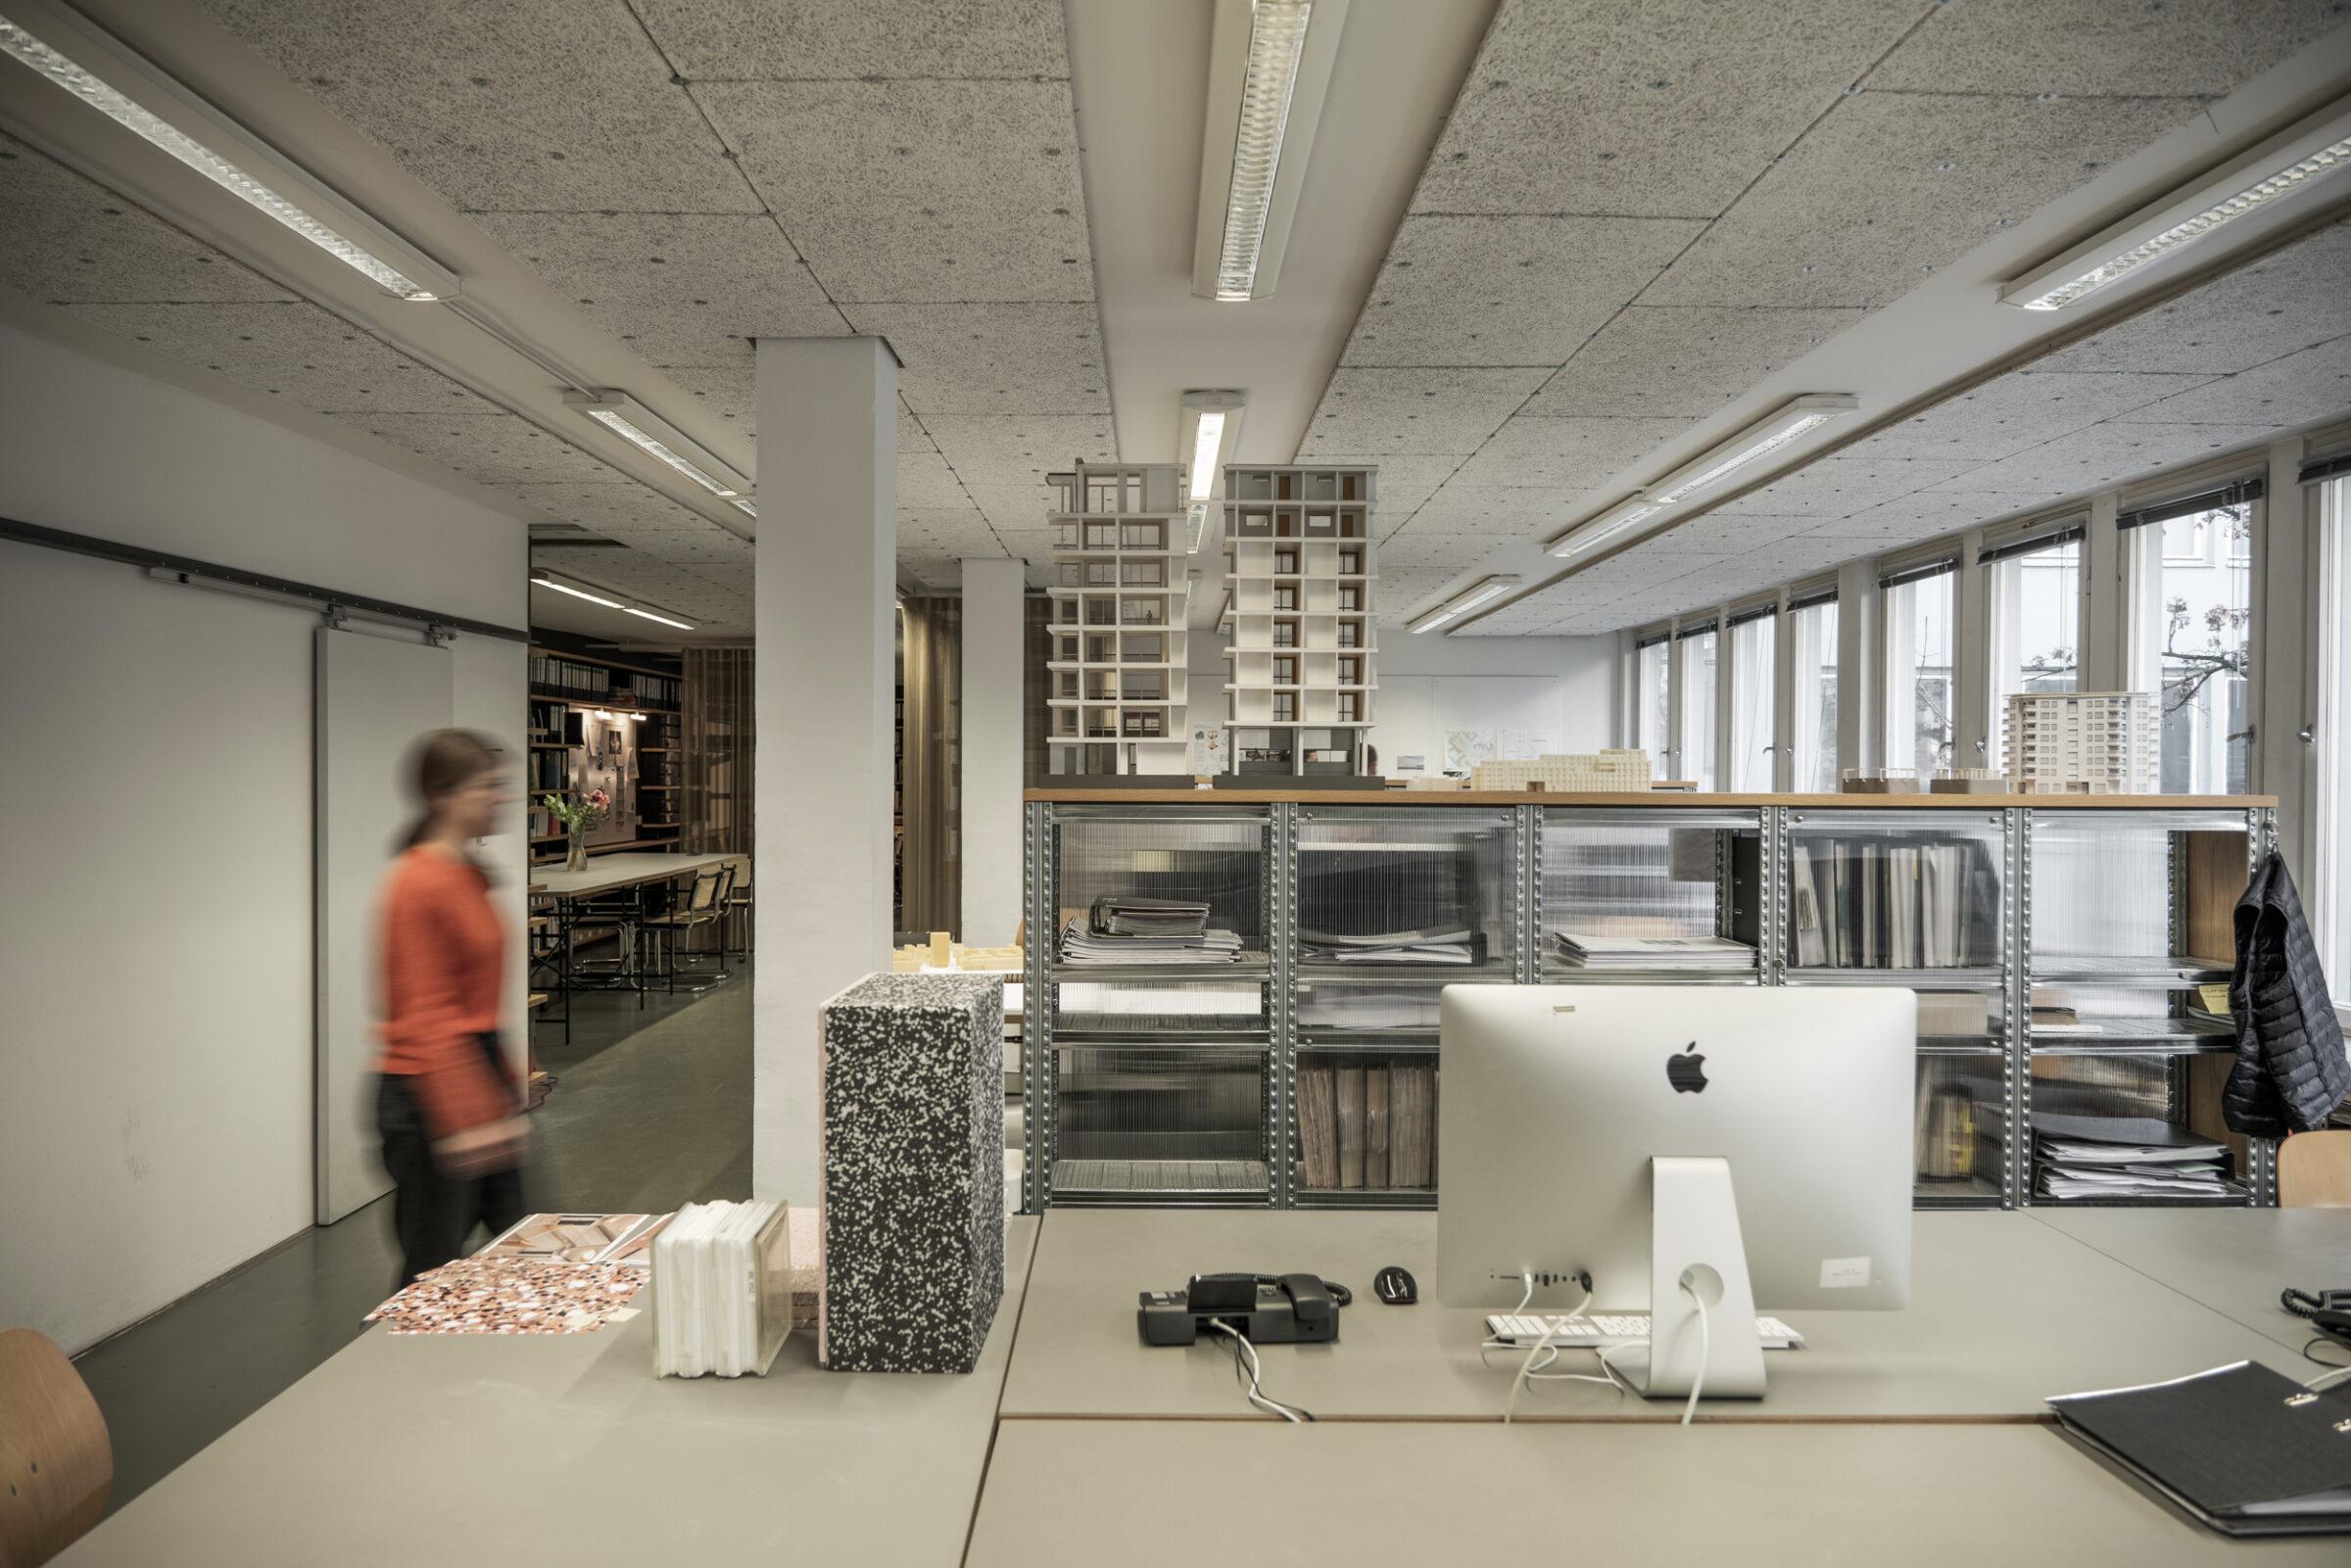 Büro dreisterneplus Architekten München